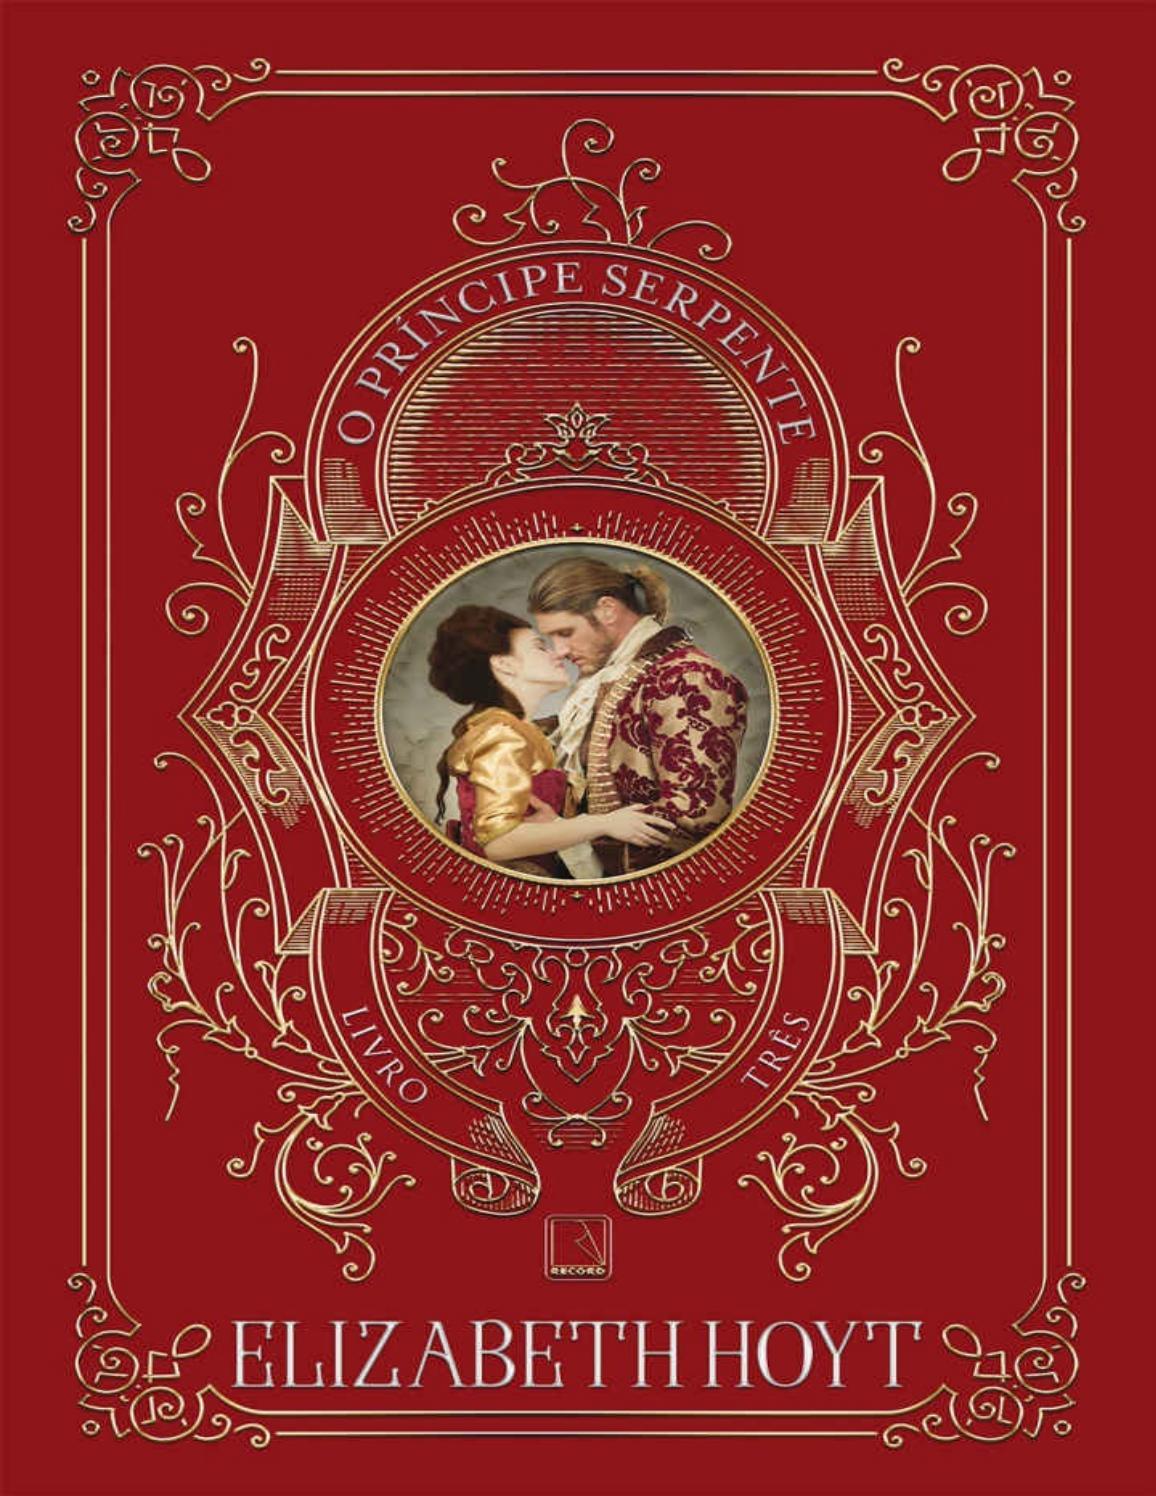 181a65718 O príncipe serpente by Grazielle Correa - issuu